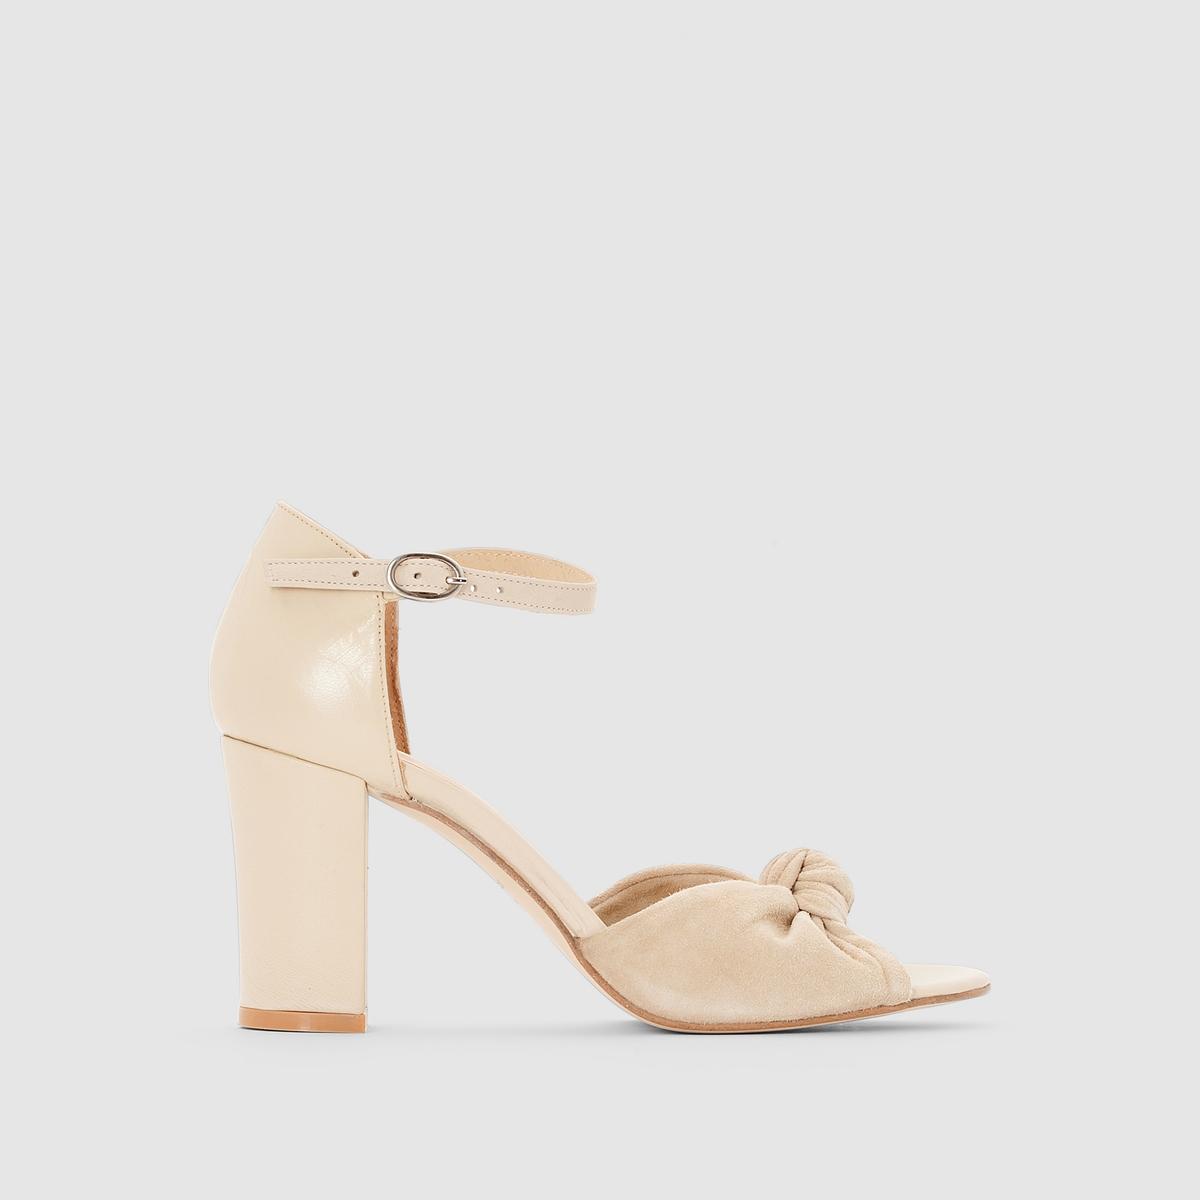 Туфли с ремешком на щиколоткеПреимущества  : максимально женственные и элегантные, но в то же время комфортные туфли JONAK.<br><br>Цвет: бежевый<br>Размер: 41.37